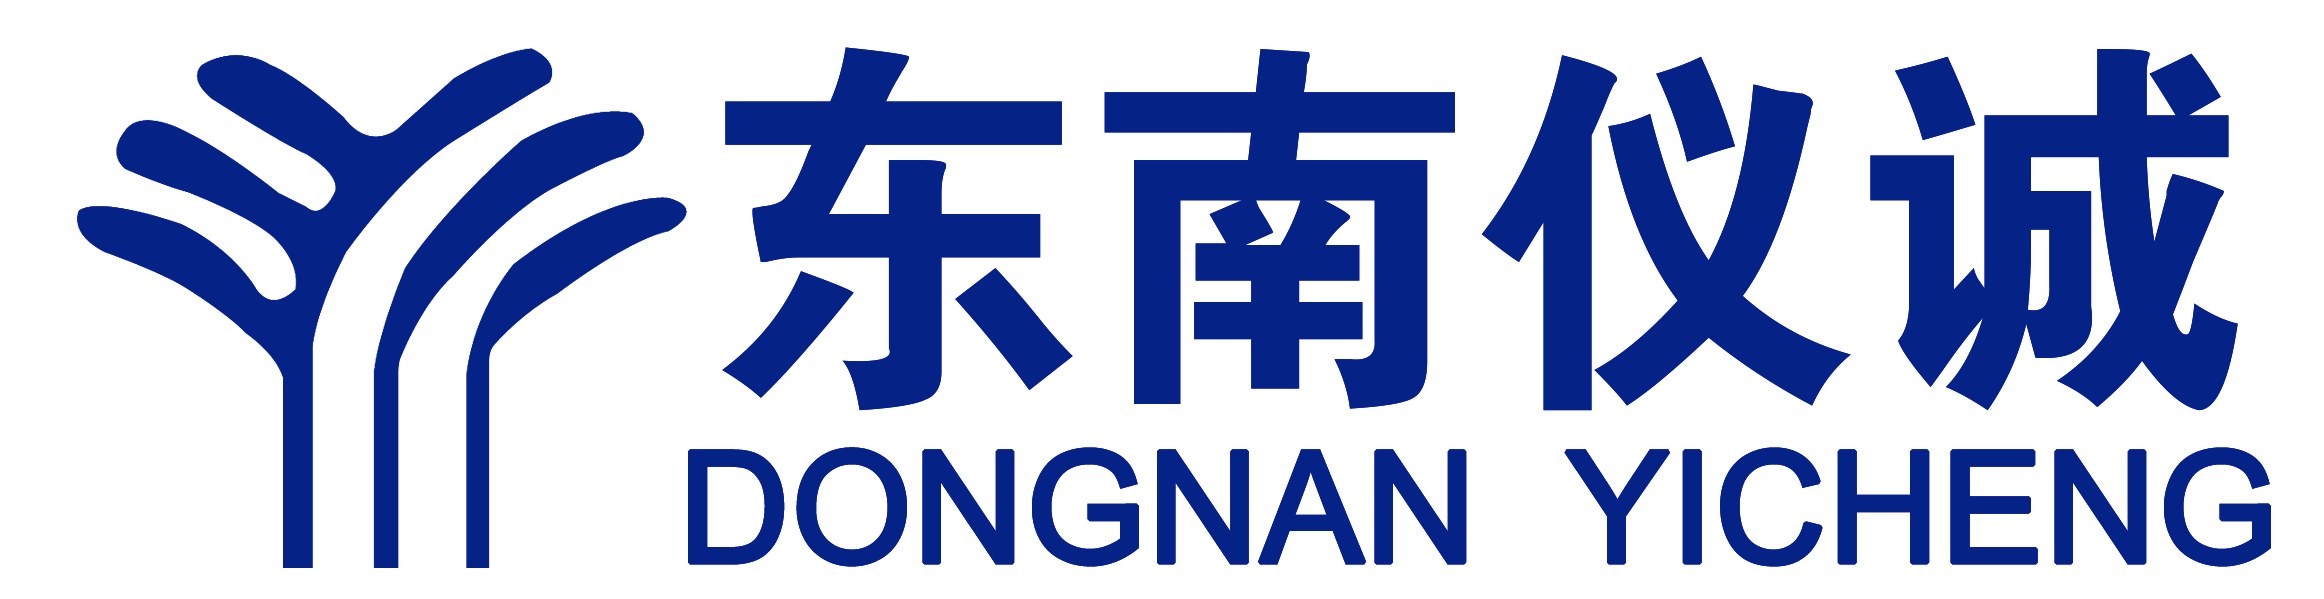 北京東南儀誠電子產品維修有限公司